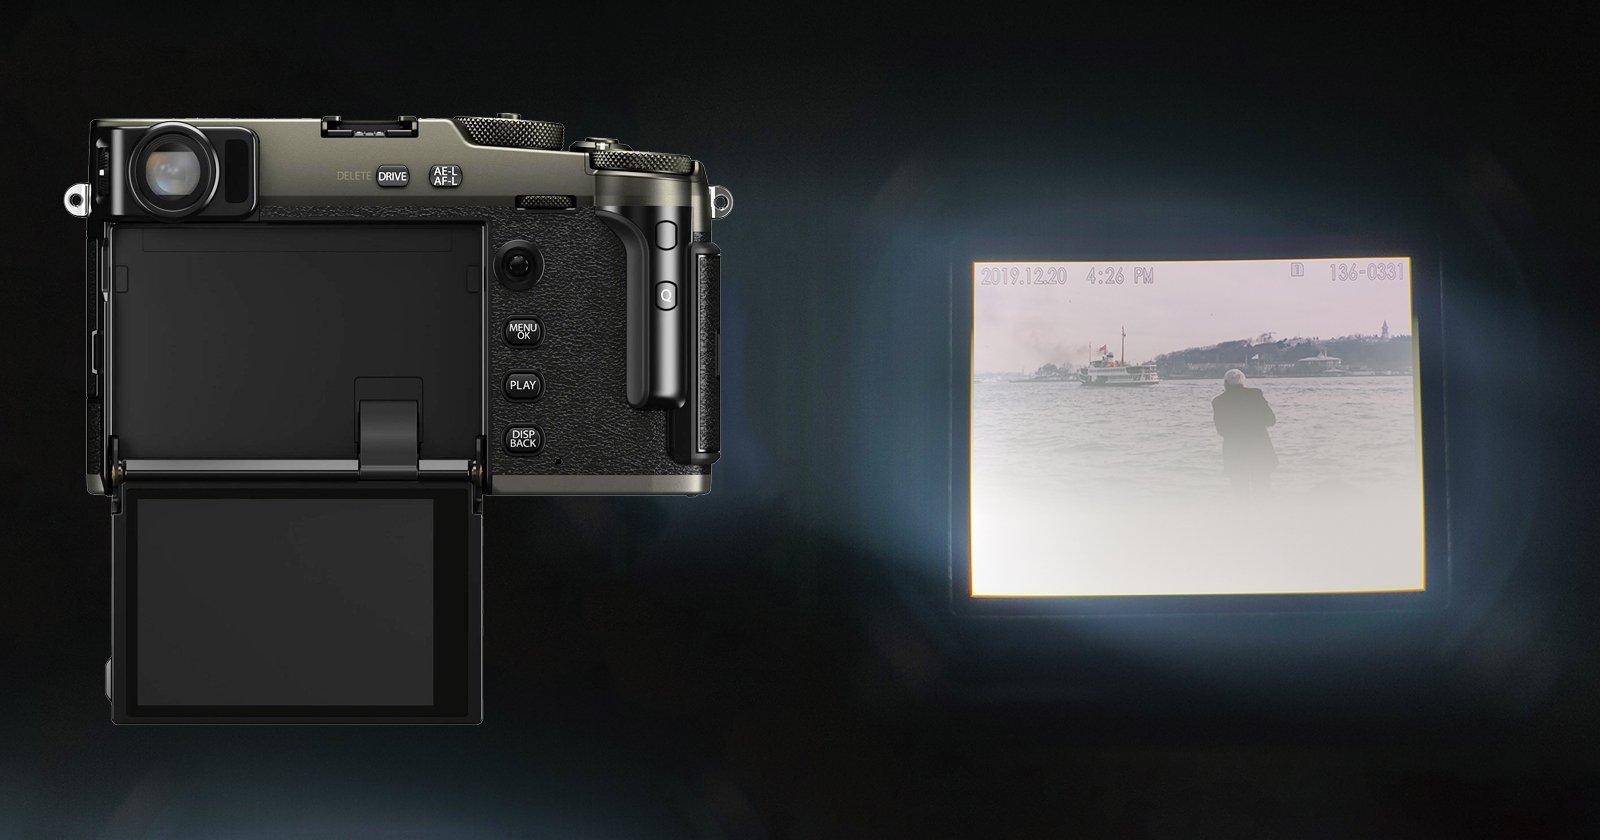 Múltiples usuarios reportan un problema importante de EVF con el nuevo Fuji X-Pro3